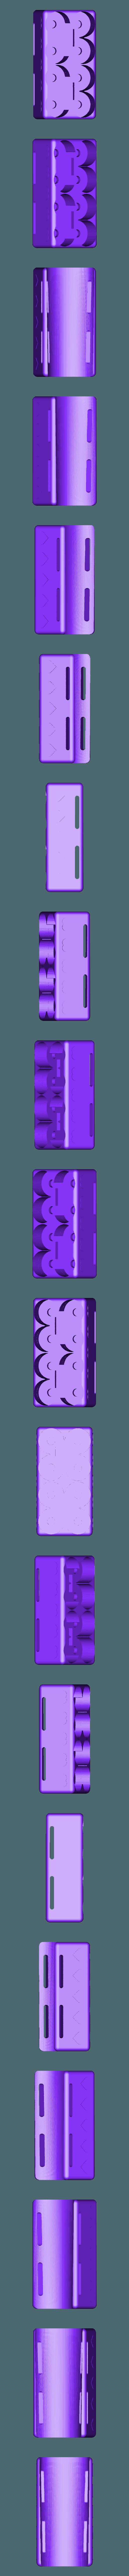 nano_drone_wrist_mount_w-hearts.stl Télécharger fichier STL gratuit Support poignet pour bourdon Nano (CX-10D) • Objet pour impression 3D, SexyCyborg